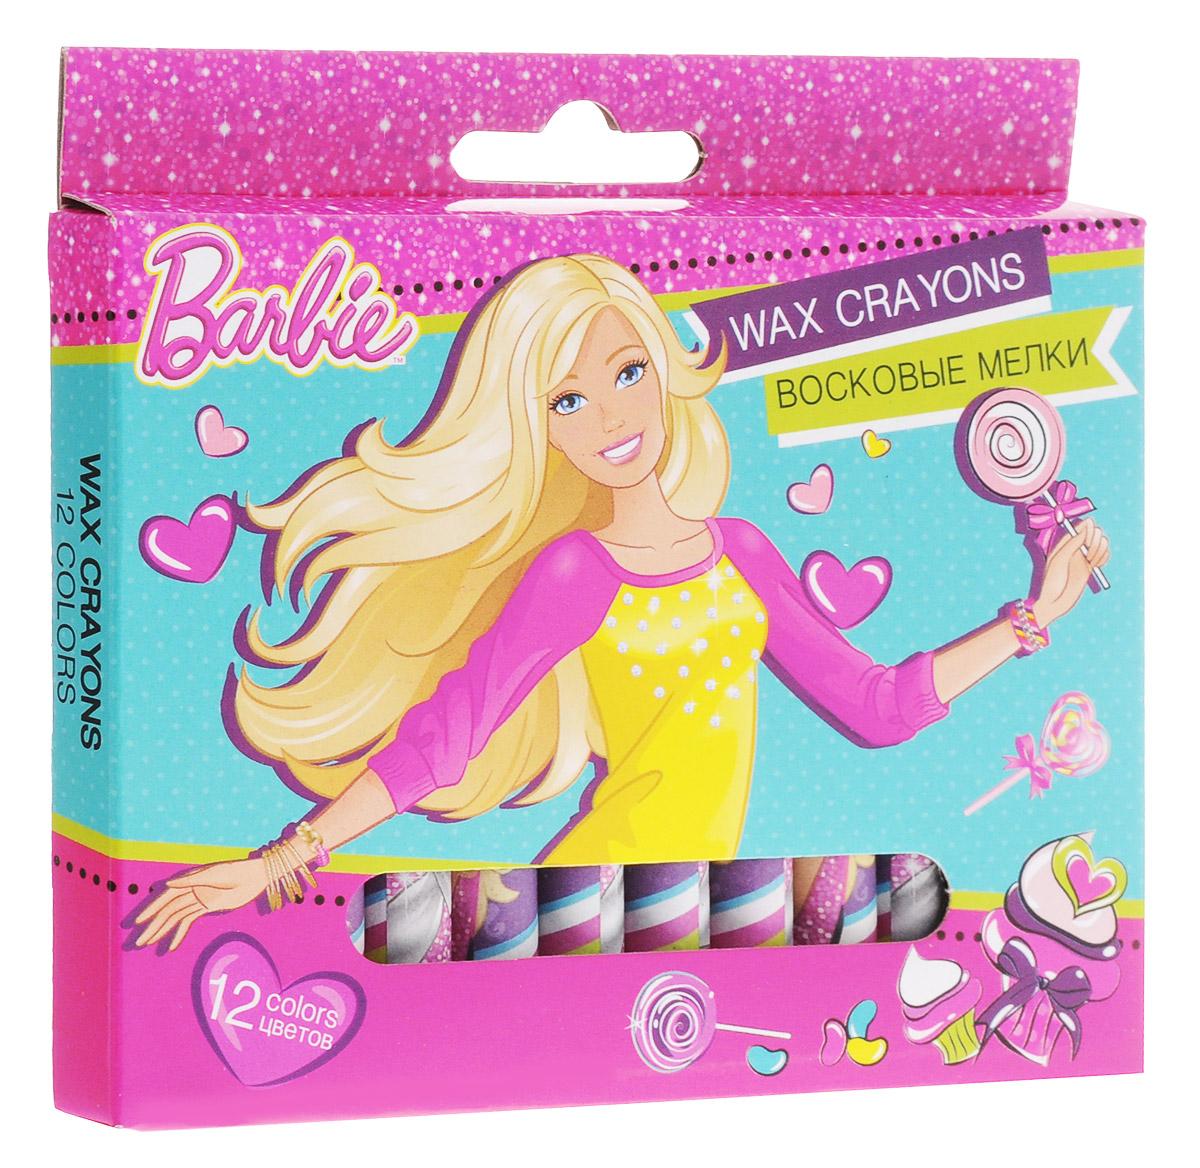 Barbie Восковые мелки 12 цветовPP-220Набор восковых мелков Barbie содержит мелки 12 ярких насыщенных цветов. Каждый мелок обернут в бумажную гильзу. Круглый утолщенный корпус особенно удобен для маленьких детских ручек. Мелки обладают отличными кроющими свойствами, не требуют сильного нажатия. Рисунки мелками стираются обычным ластиком. Не токсичны и абсолютно безопасны. Цветные восковые мелки отличаются необыкновенной яркостью и стойкостью цвета. Легко смешиваются и позволяют создавать огромное количество оттенков. Очень прочные, не крошатся, не ломаются, не образуют пыли, самозатачиваются при рисовании. Восковые мелки откроют юным художникам новые горизонты для творчества, а также помогут отлично развить мелкую моторику рук, цветовое восприятие, фантазию и воображение, способствуют самовыражению.